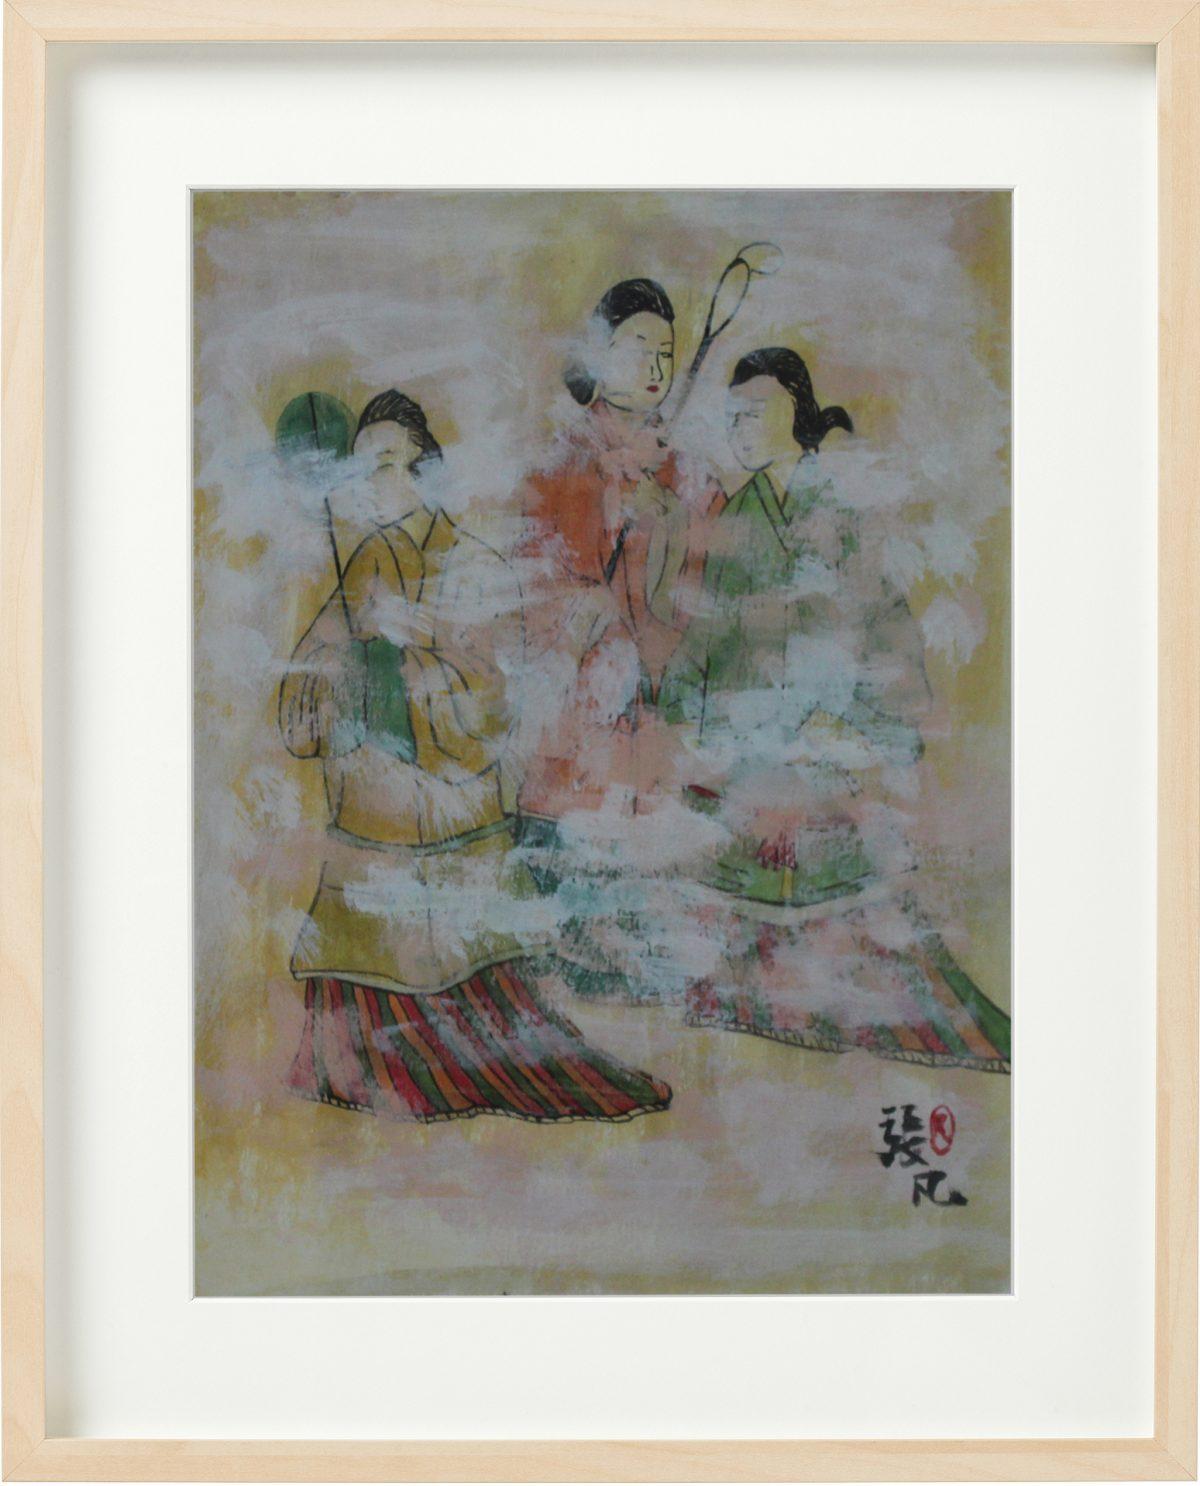 Takamatsuzuka Tomb Mural Painting